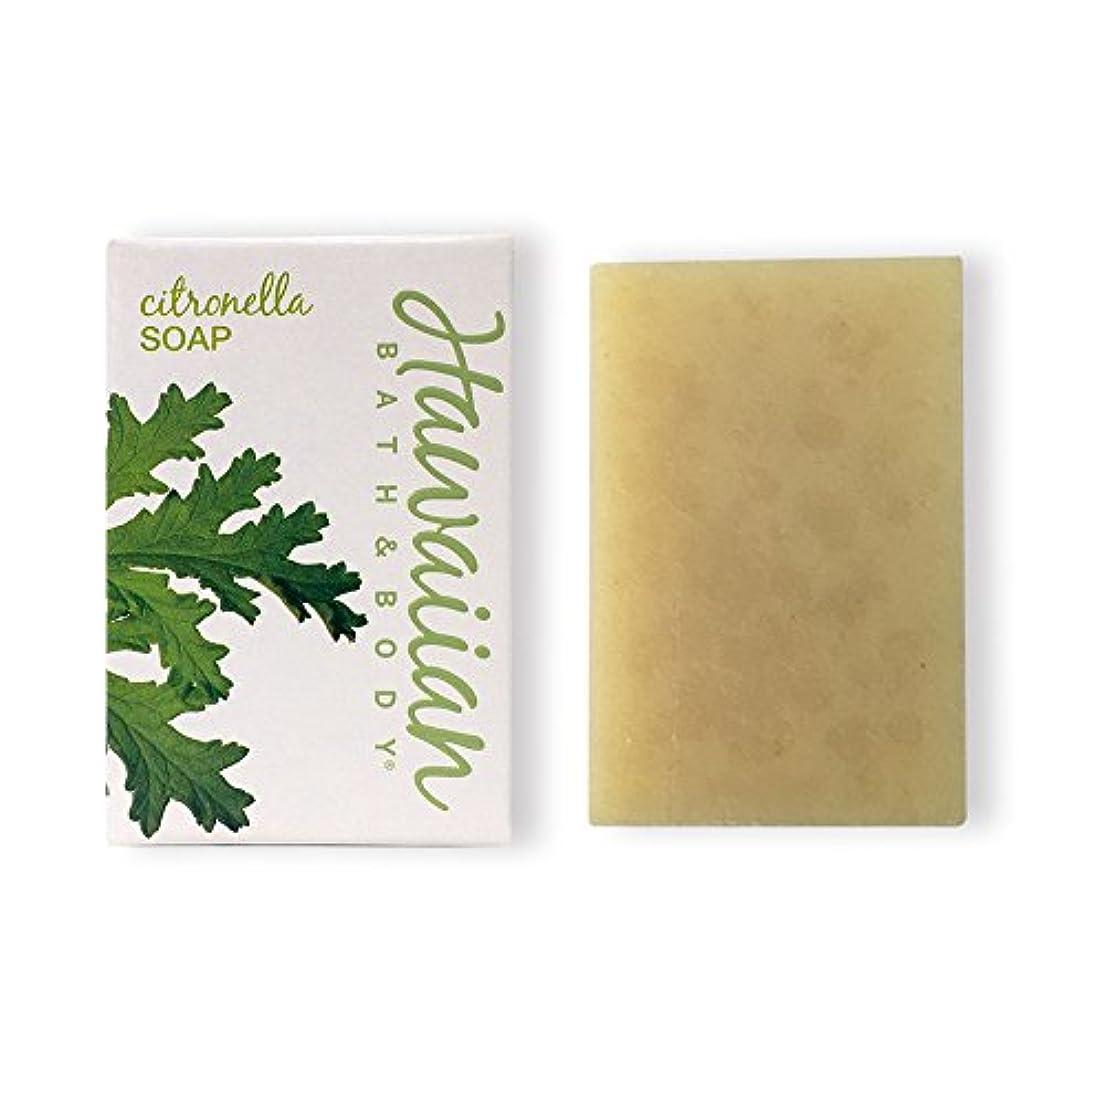 お気に入り組み込むじゃないハワイアンバス&ボディ シトロネラソープ(ビーチバー)( Citronella Soap )